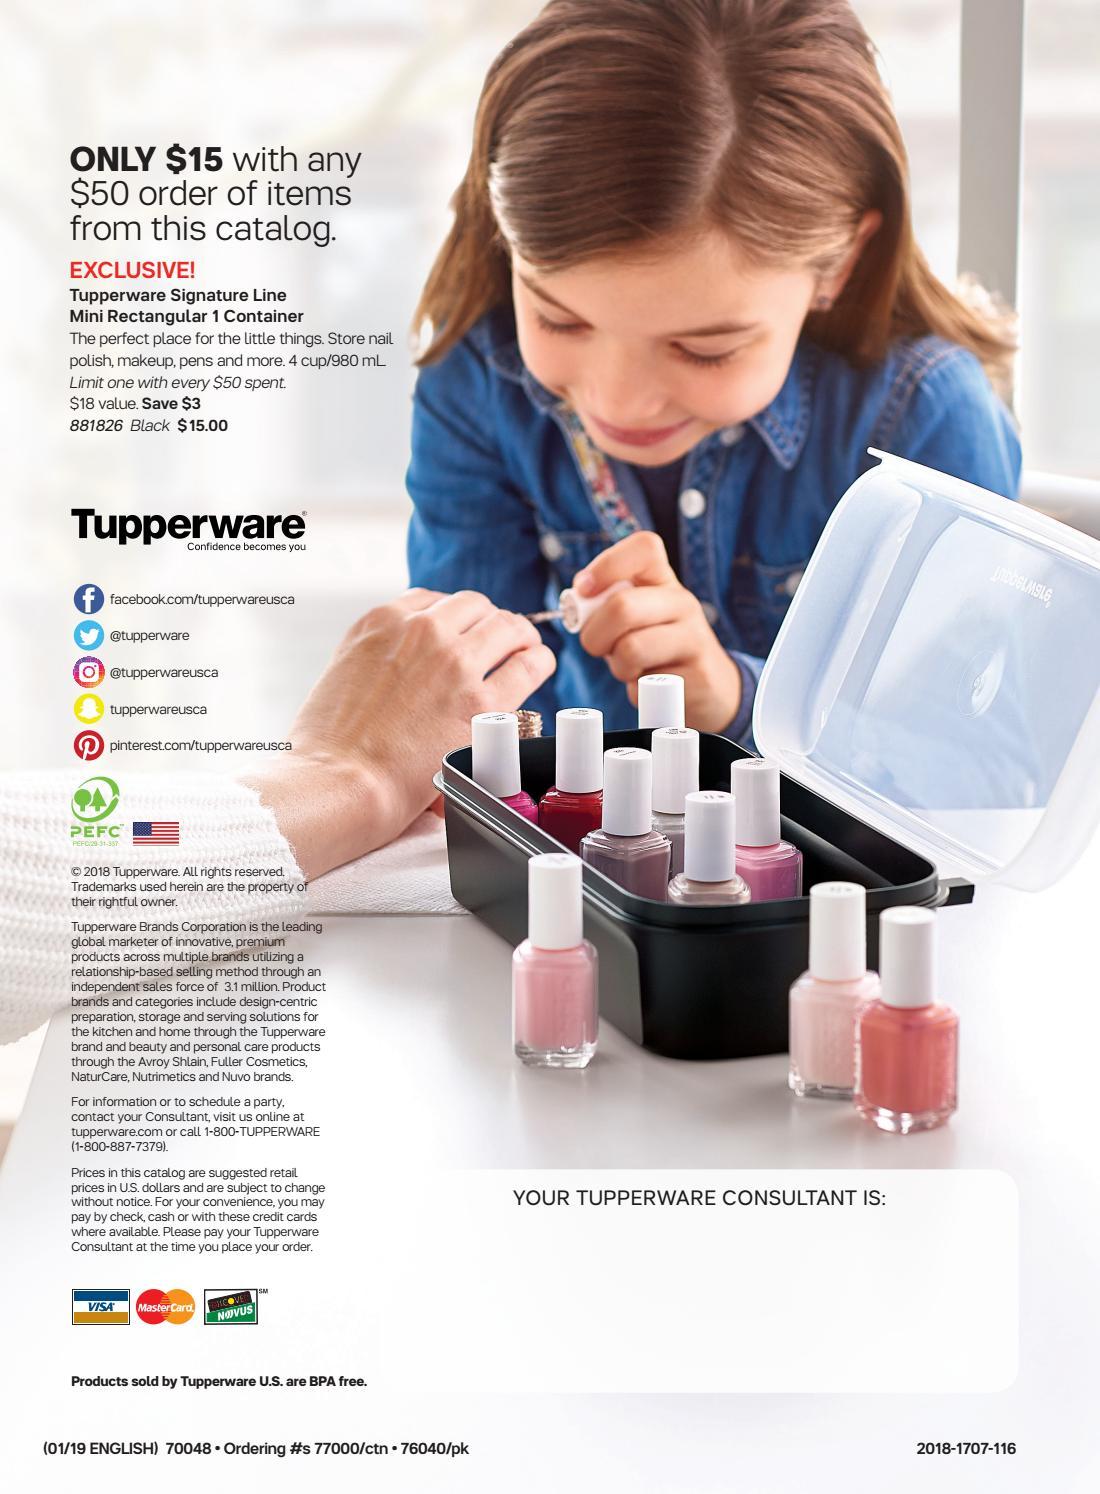 Tupperware Winter/Spring Full Catalog 2019